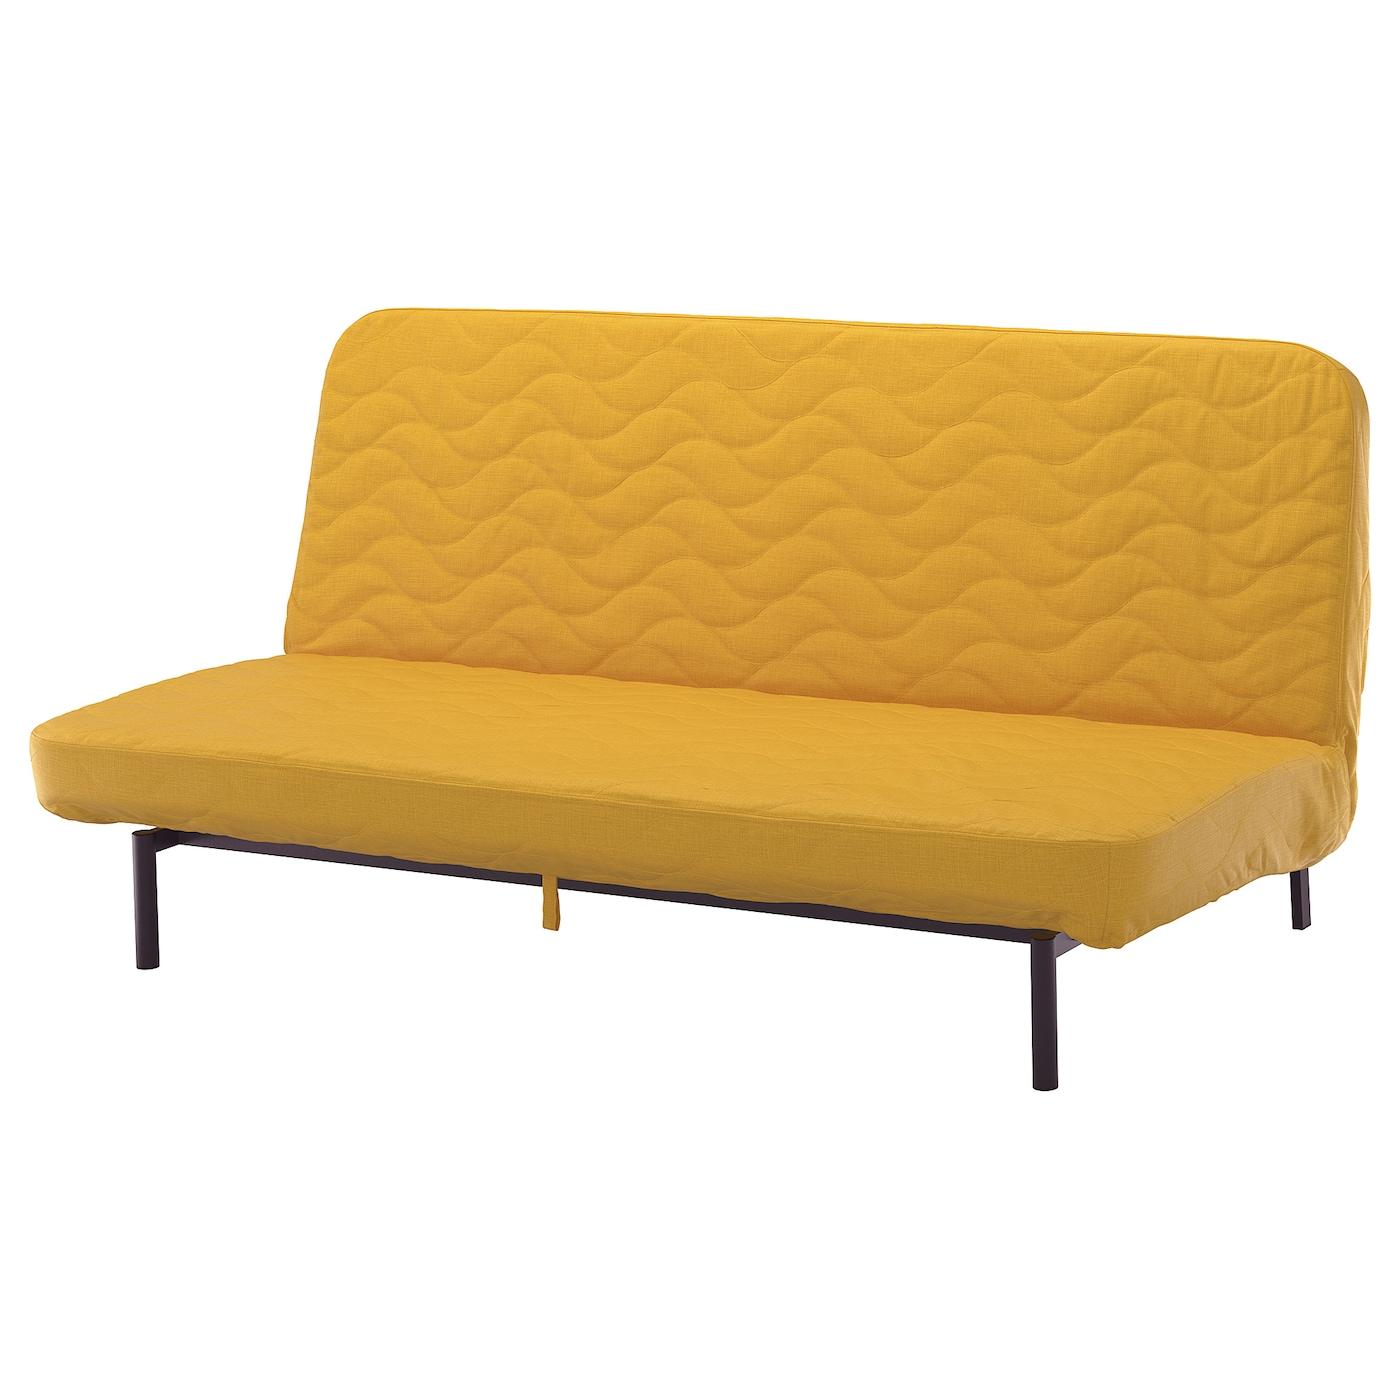 IKEA NYHAMN Rozkładana sofa 3-osobowa, materac ze sprężynami kieszeniowymi, Skiftebo żółty